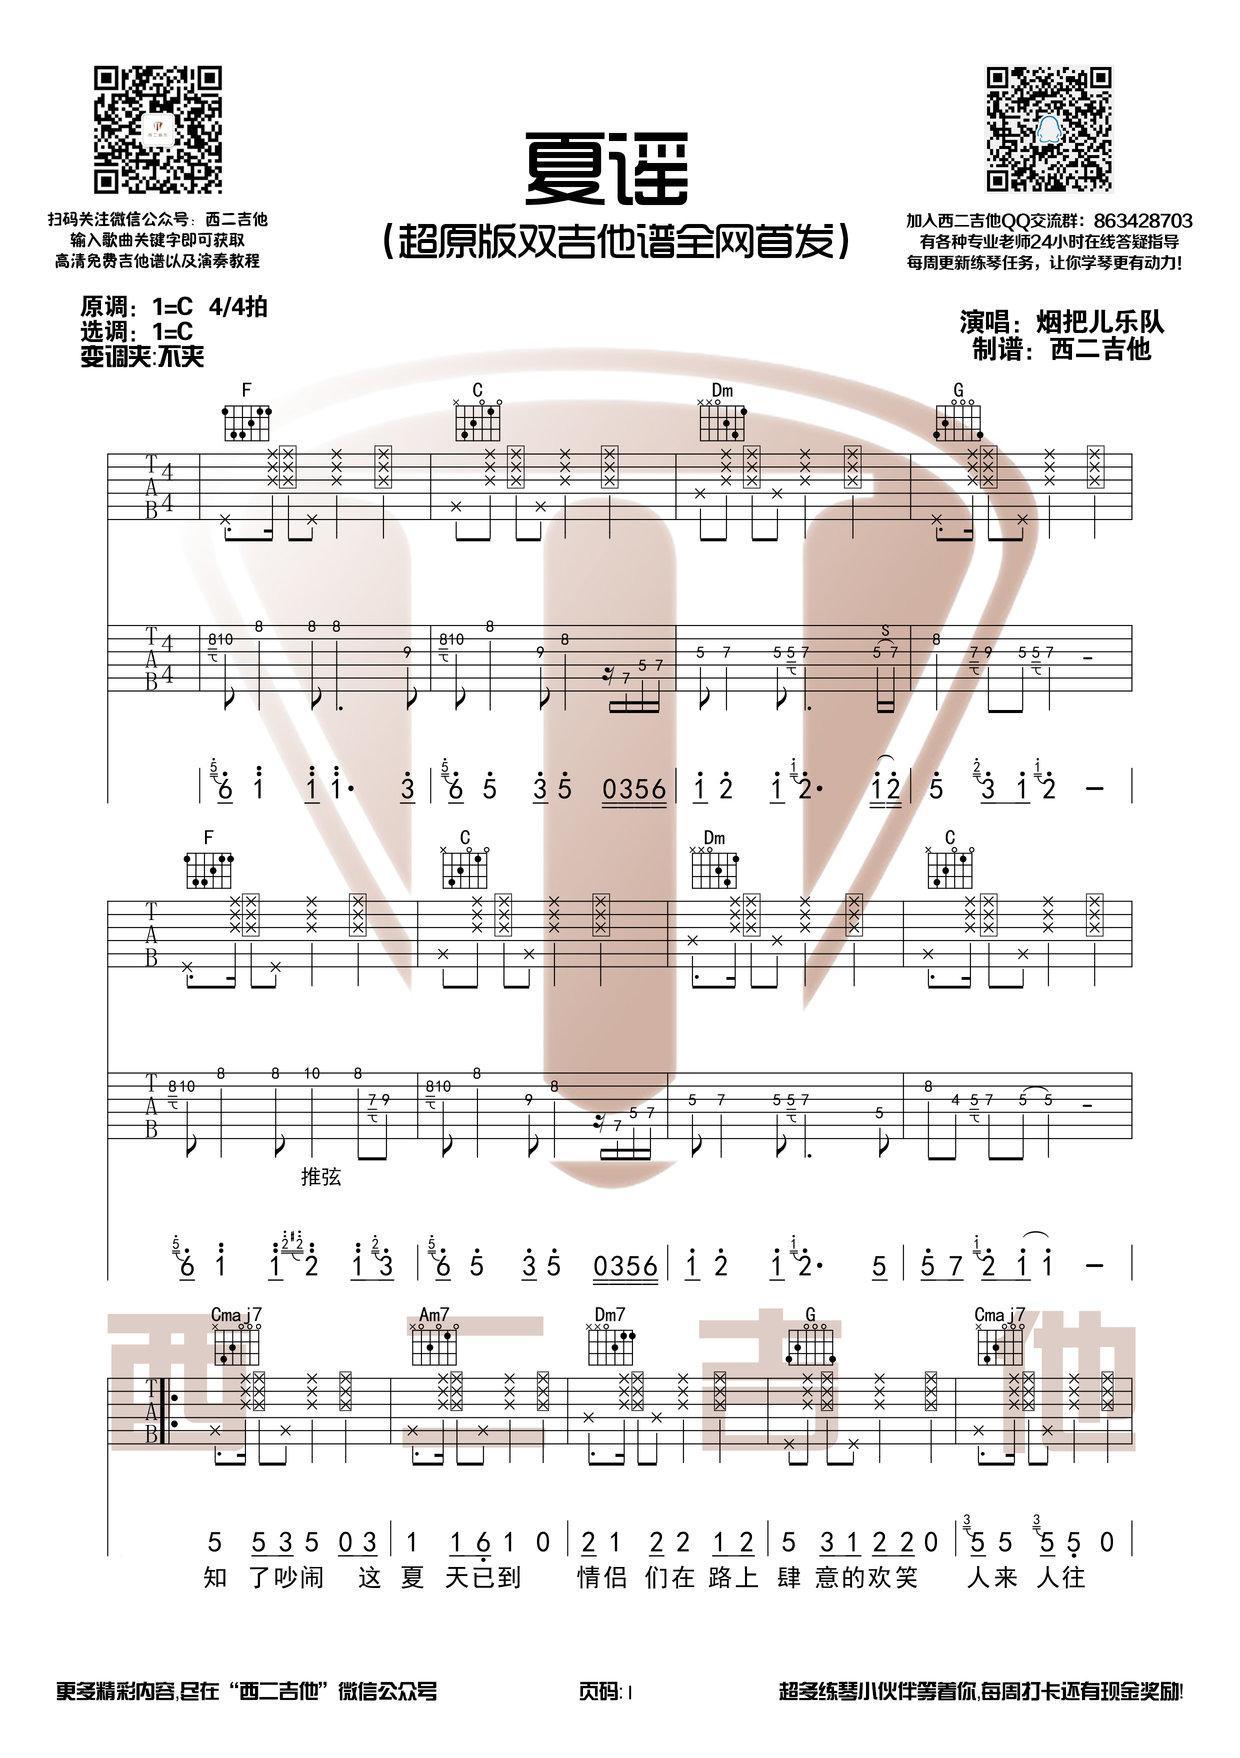 夏謠-煙把兒樂隊-图片吉他谱-1